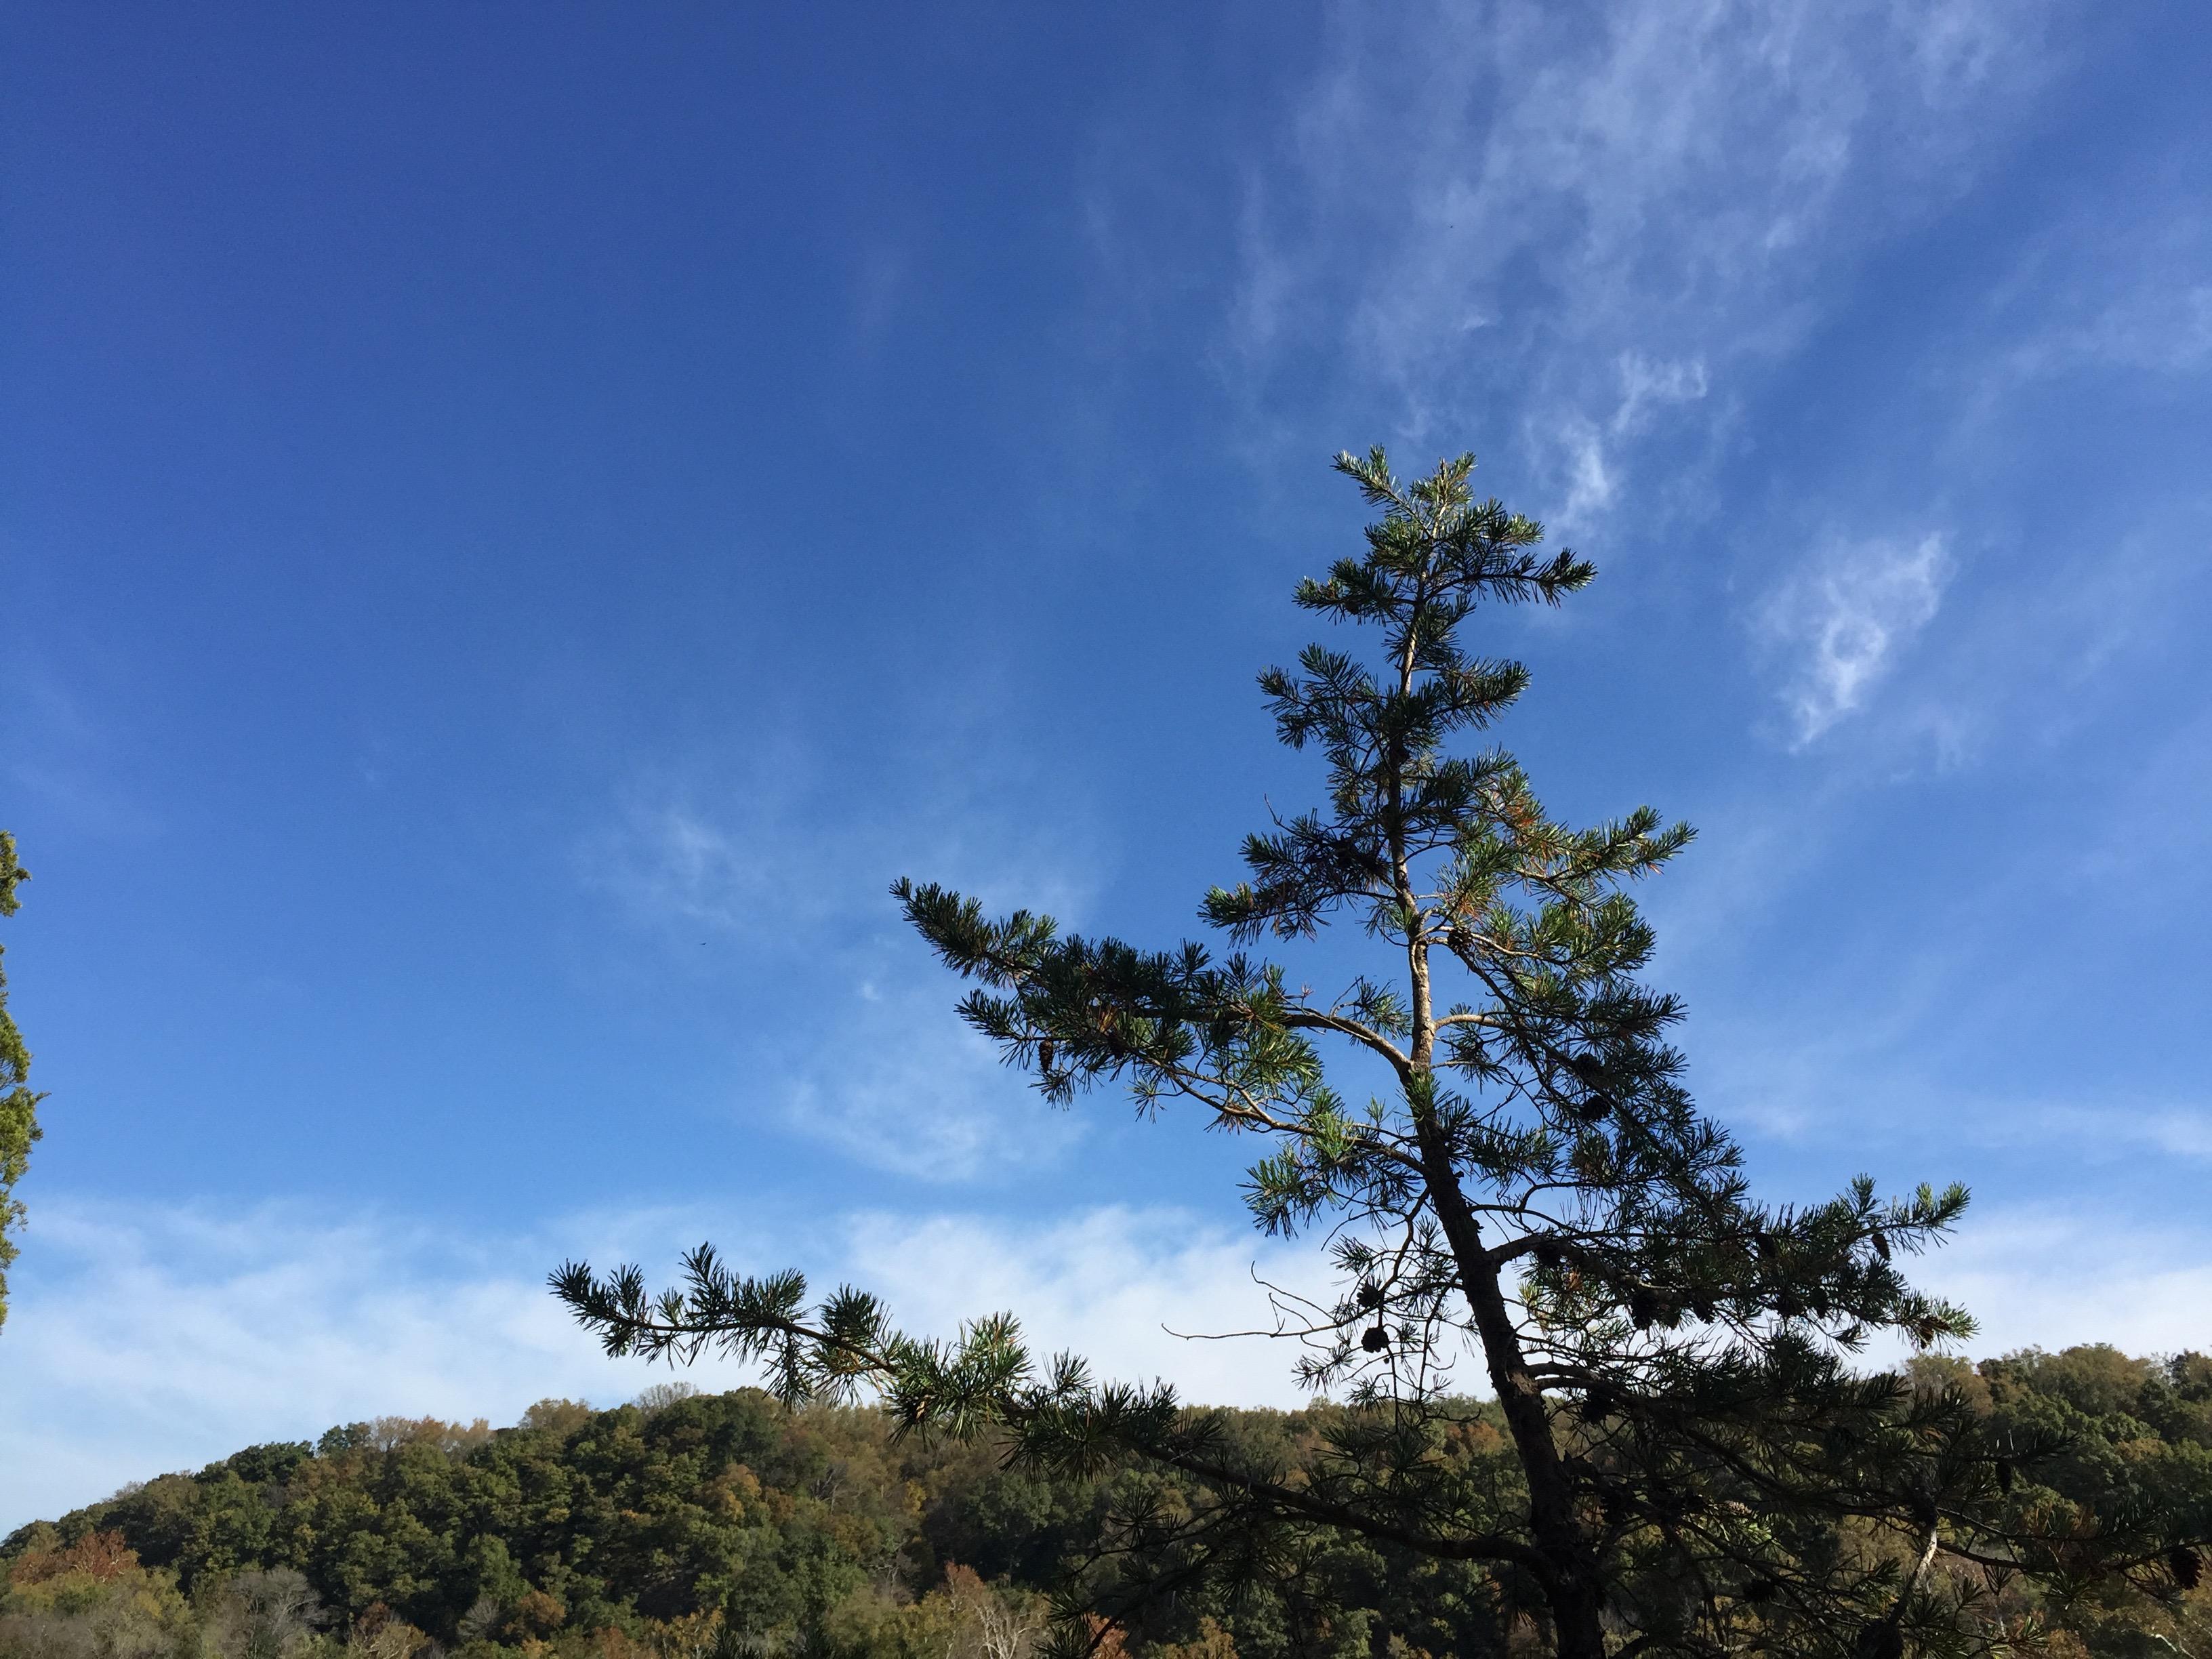 2/3 sky